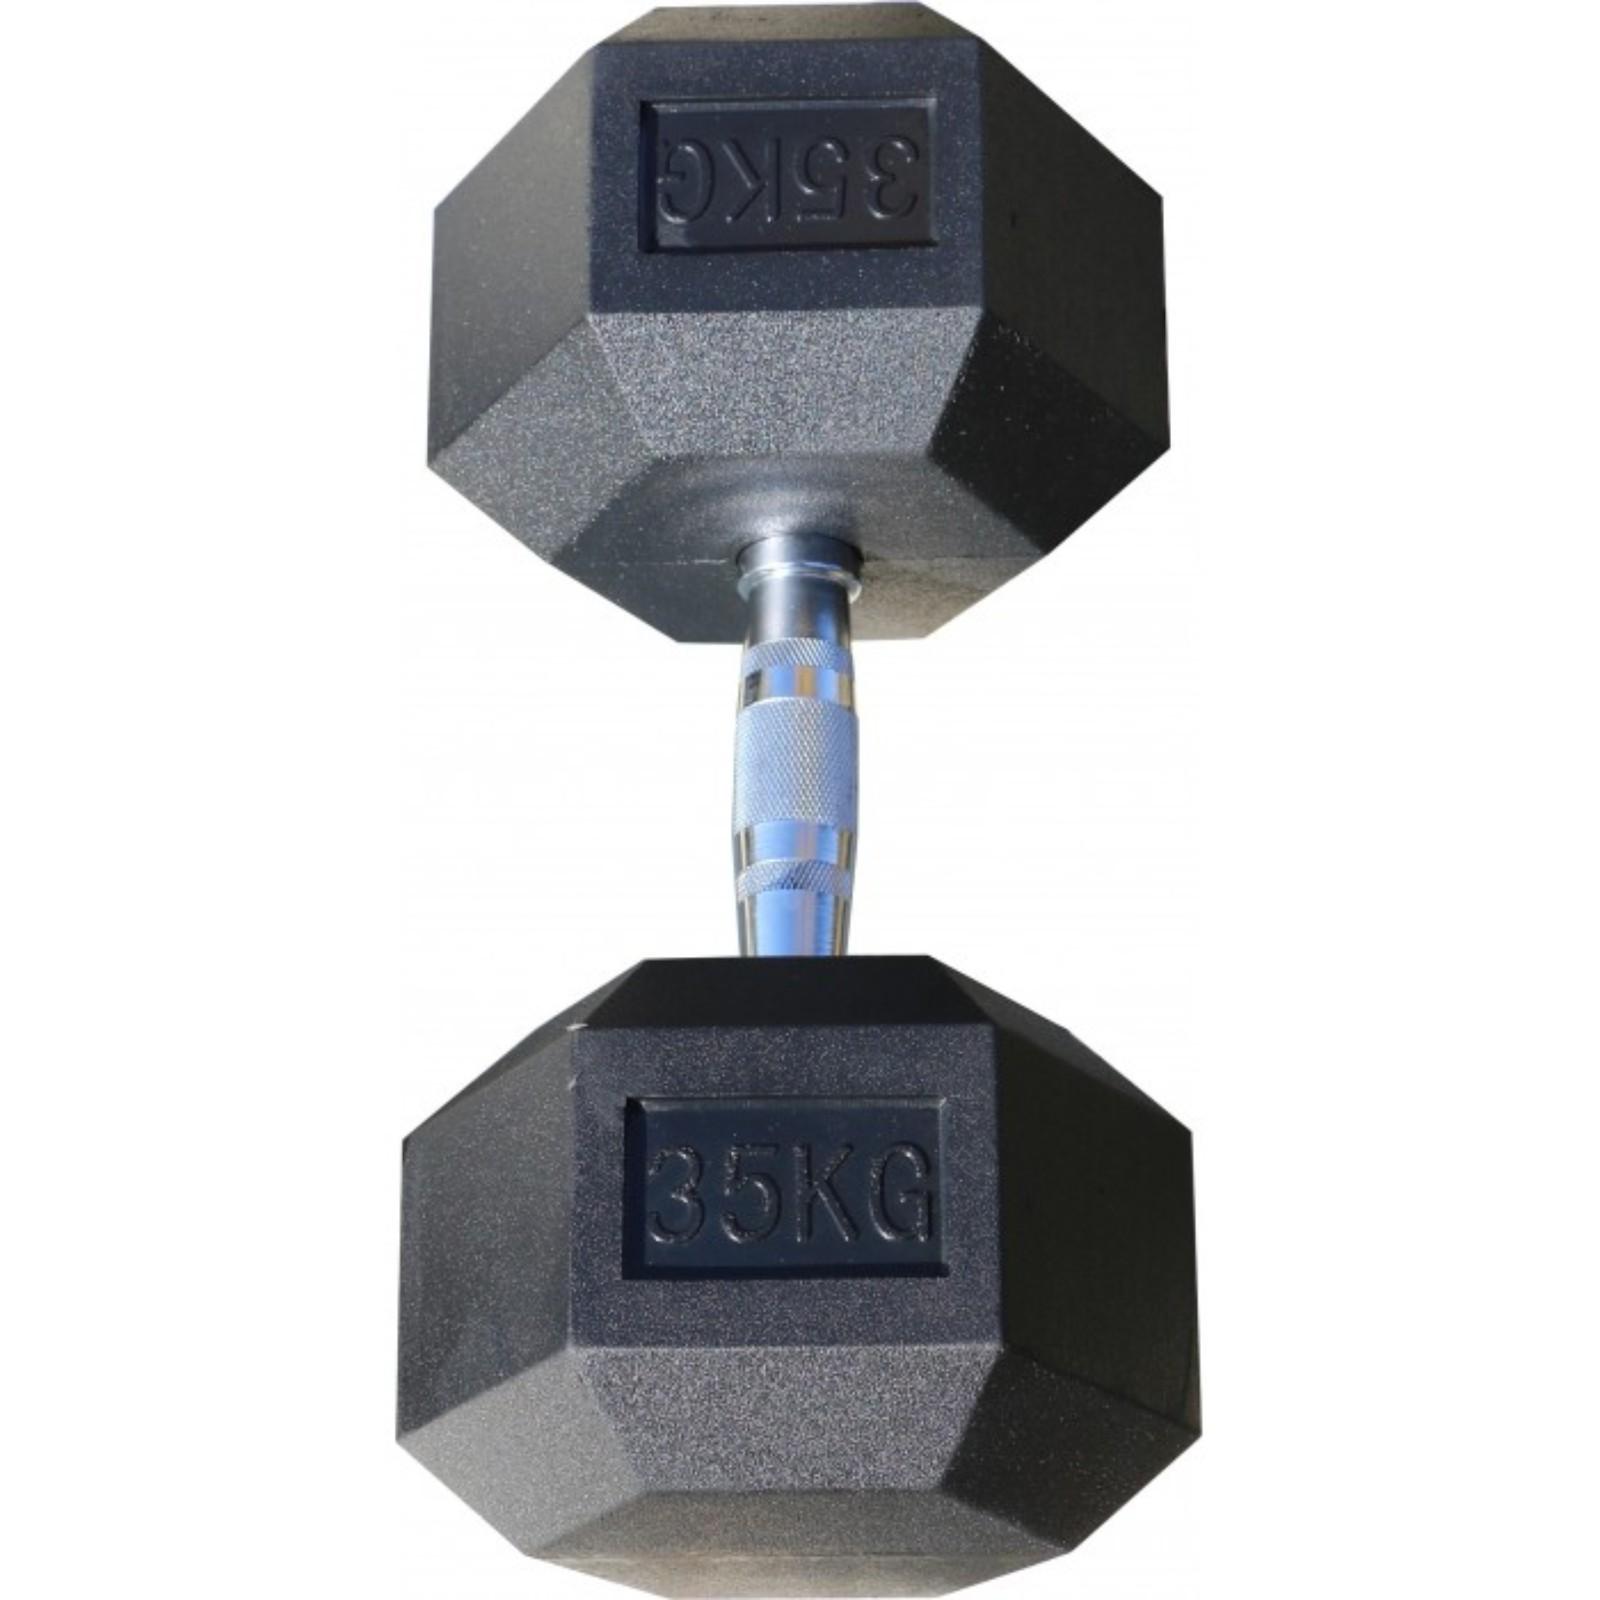 Гантель Body Solid гексагональная 35 кг